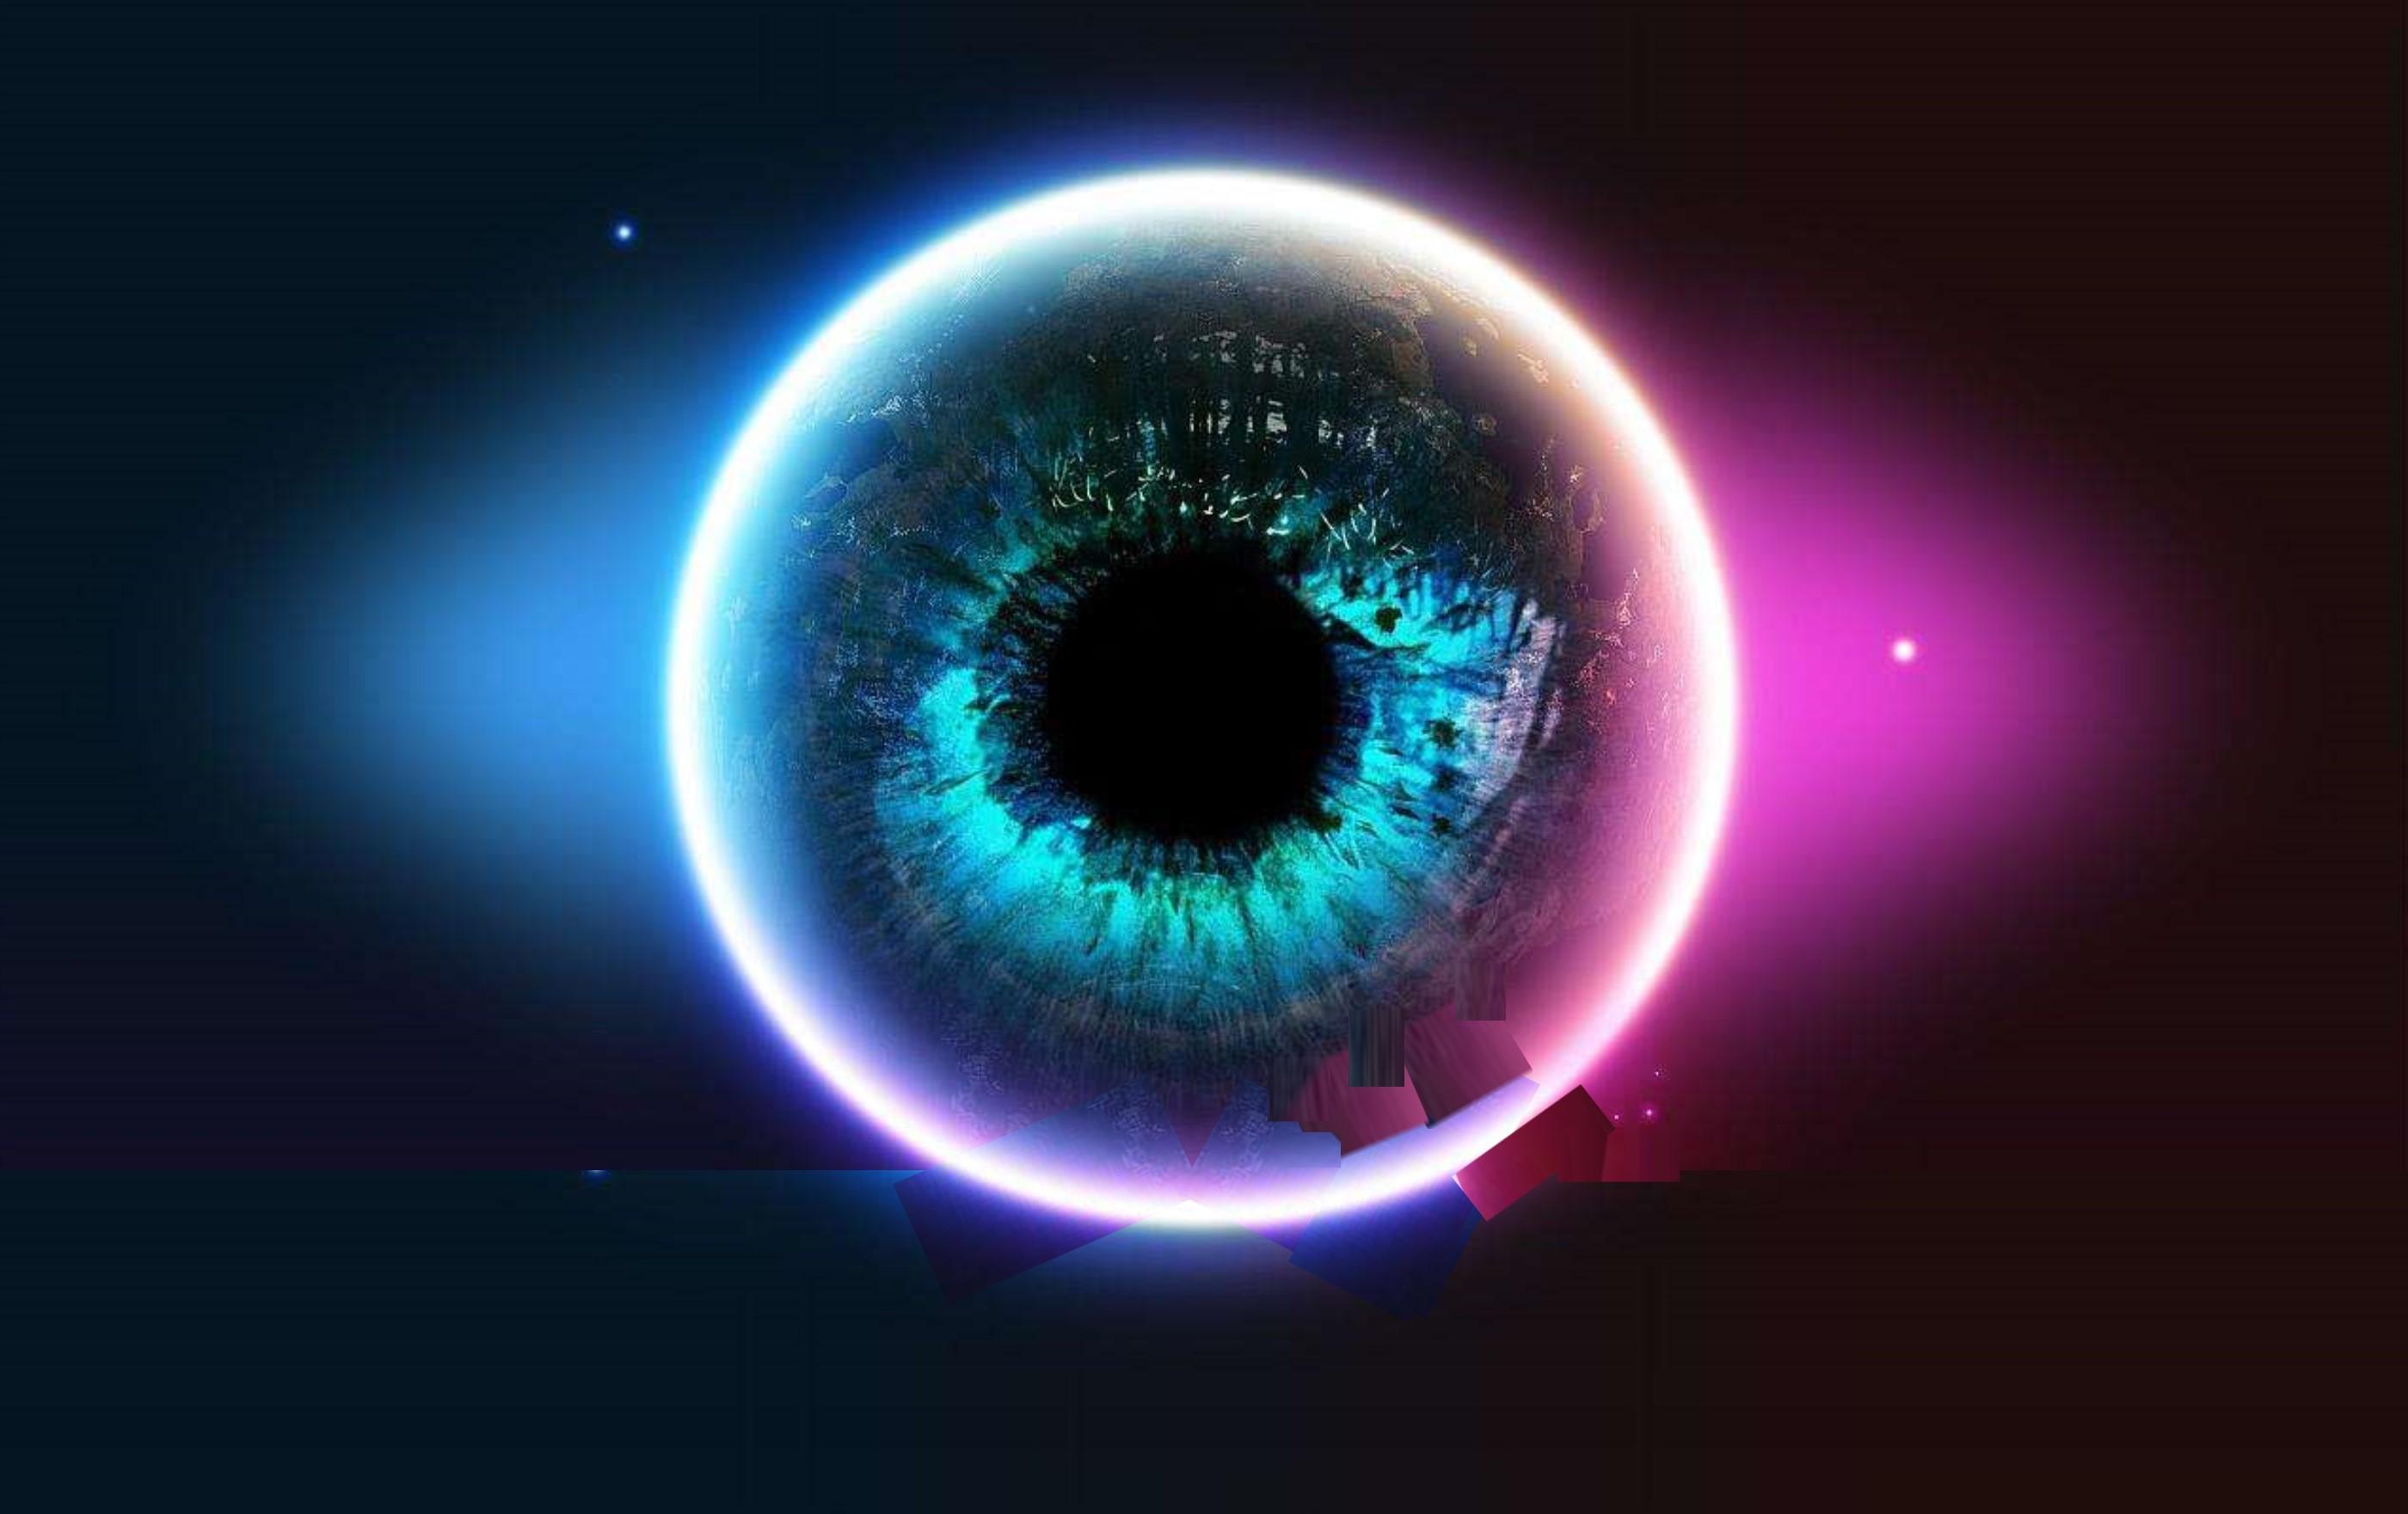 宇宙诞生前奇点存在多久,如何出现,什么力量推动它发生爆炸?